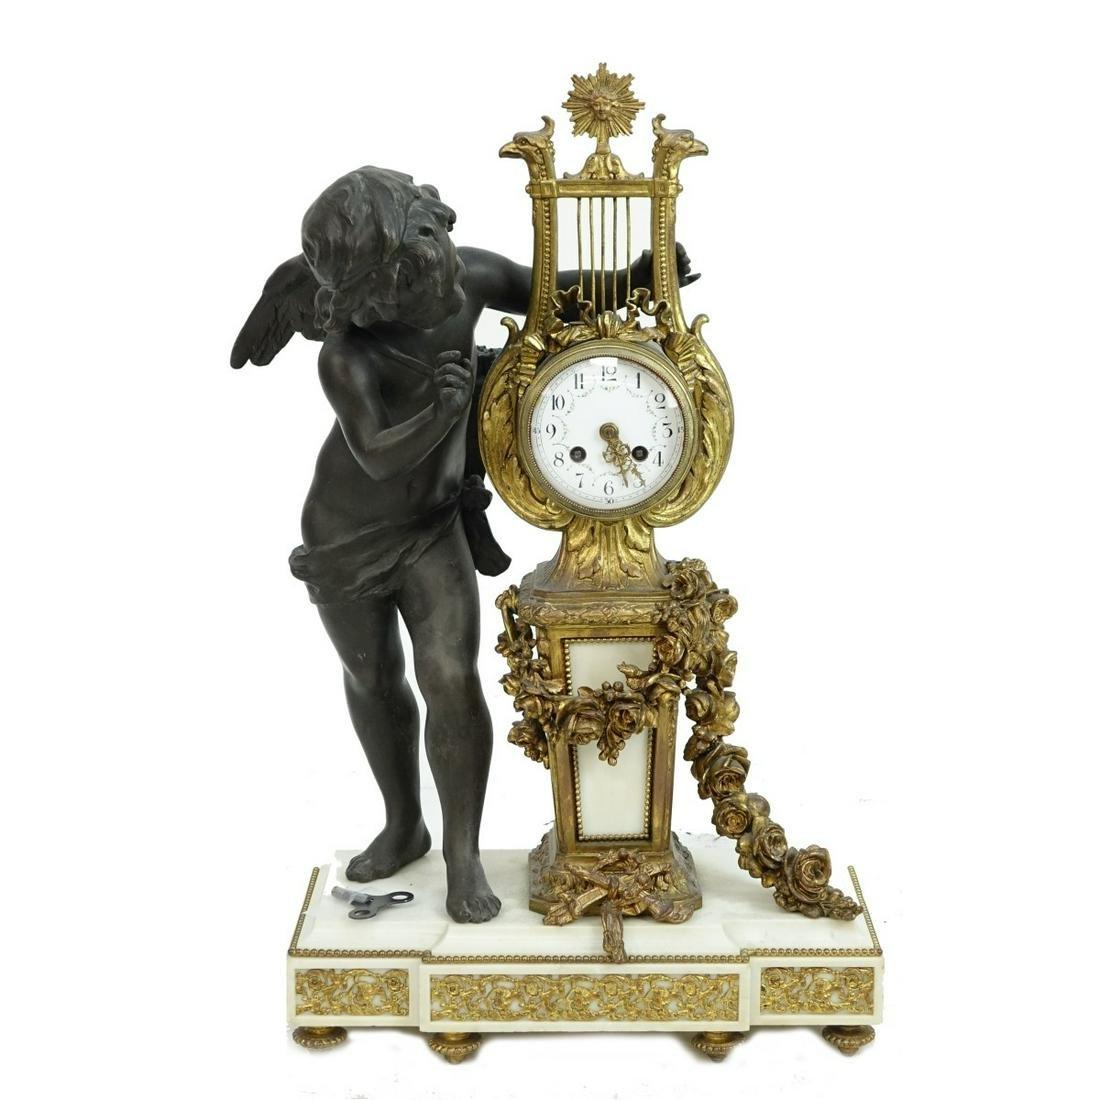 Antique Louis XVI Style Mantle Clock